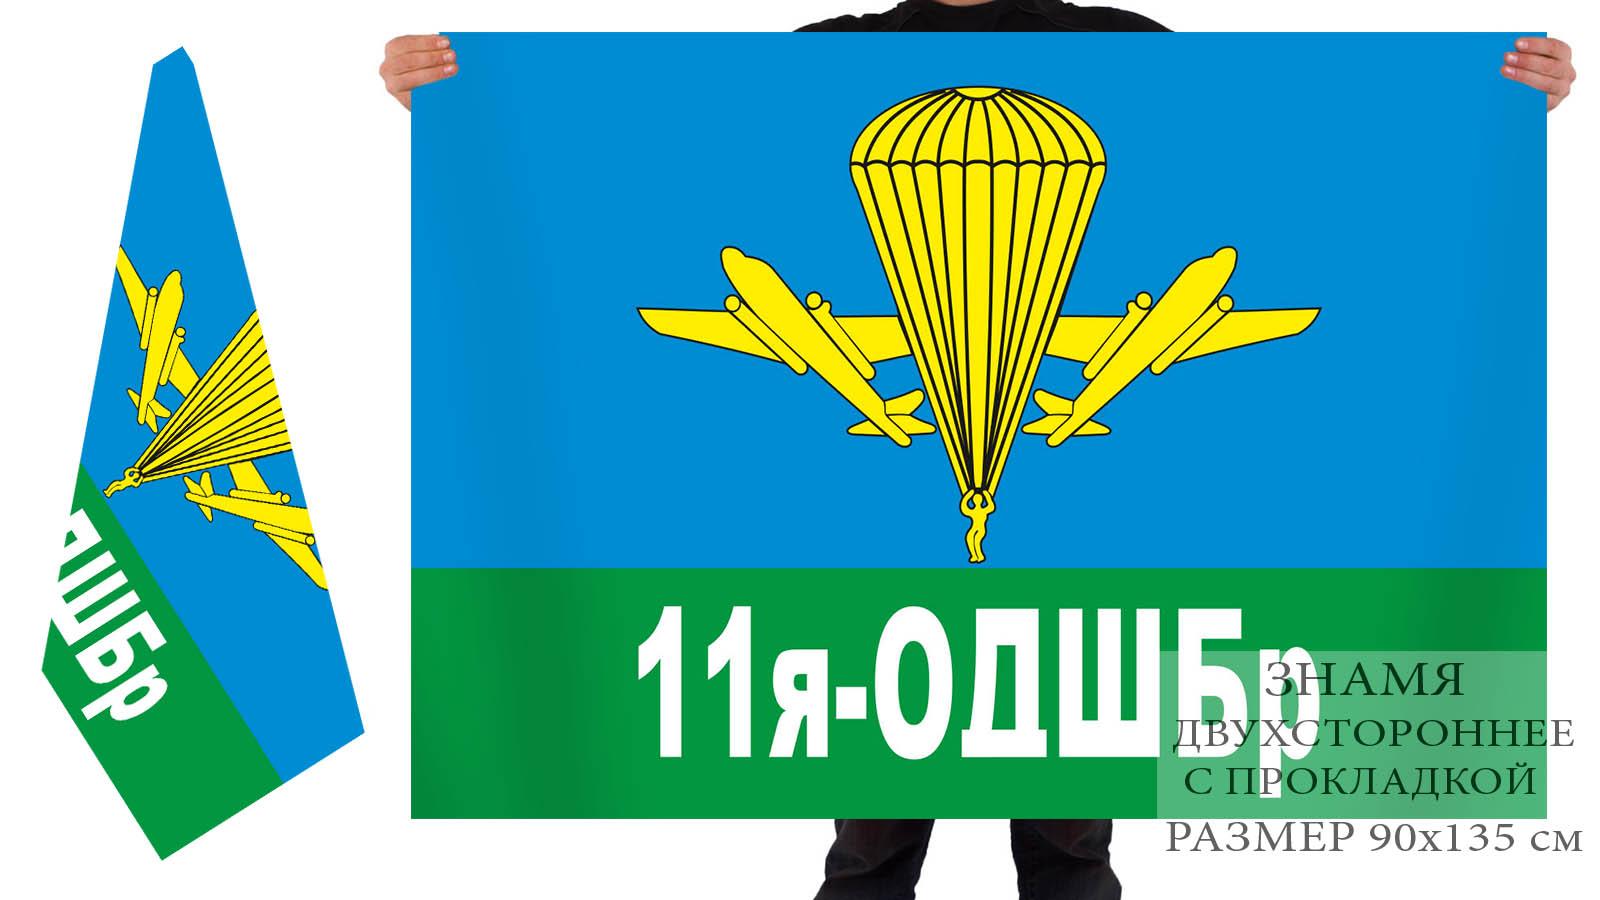 Купить в военторге флаг 11-ой отдельной десантно-штурмовой бригады